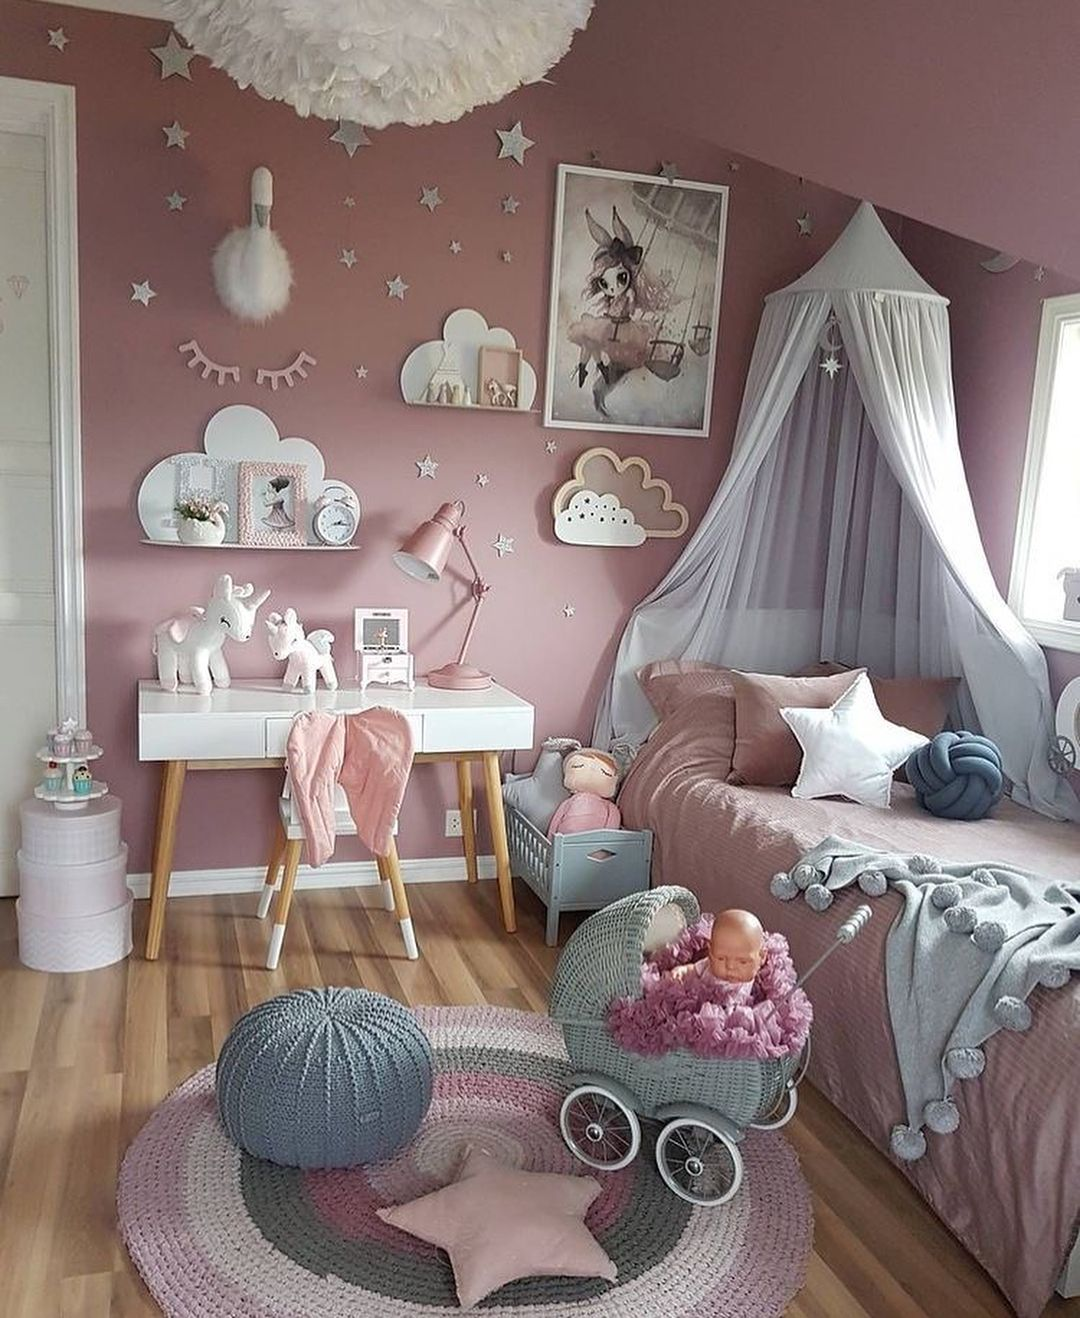 Altrosa Wandfarbe Und Deko Im Schlafzimmer Diese Farben Passen Dazu Kinderzimmer Für Mädchen Kinder Zimmer Kinder Zimmer Mädchen